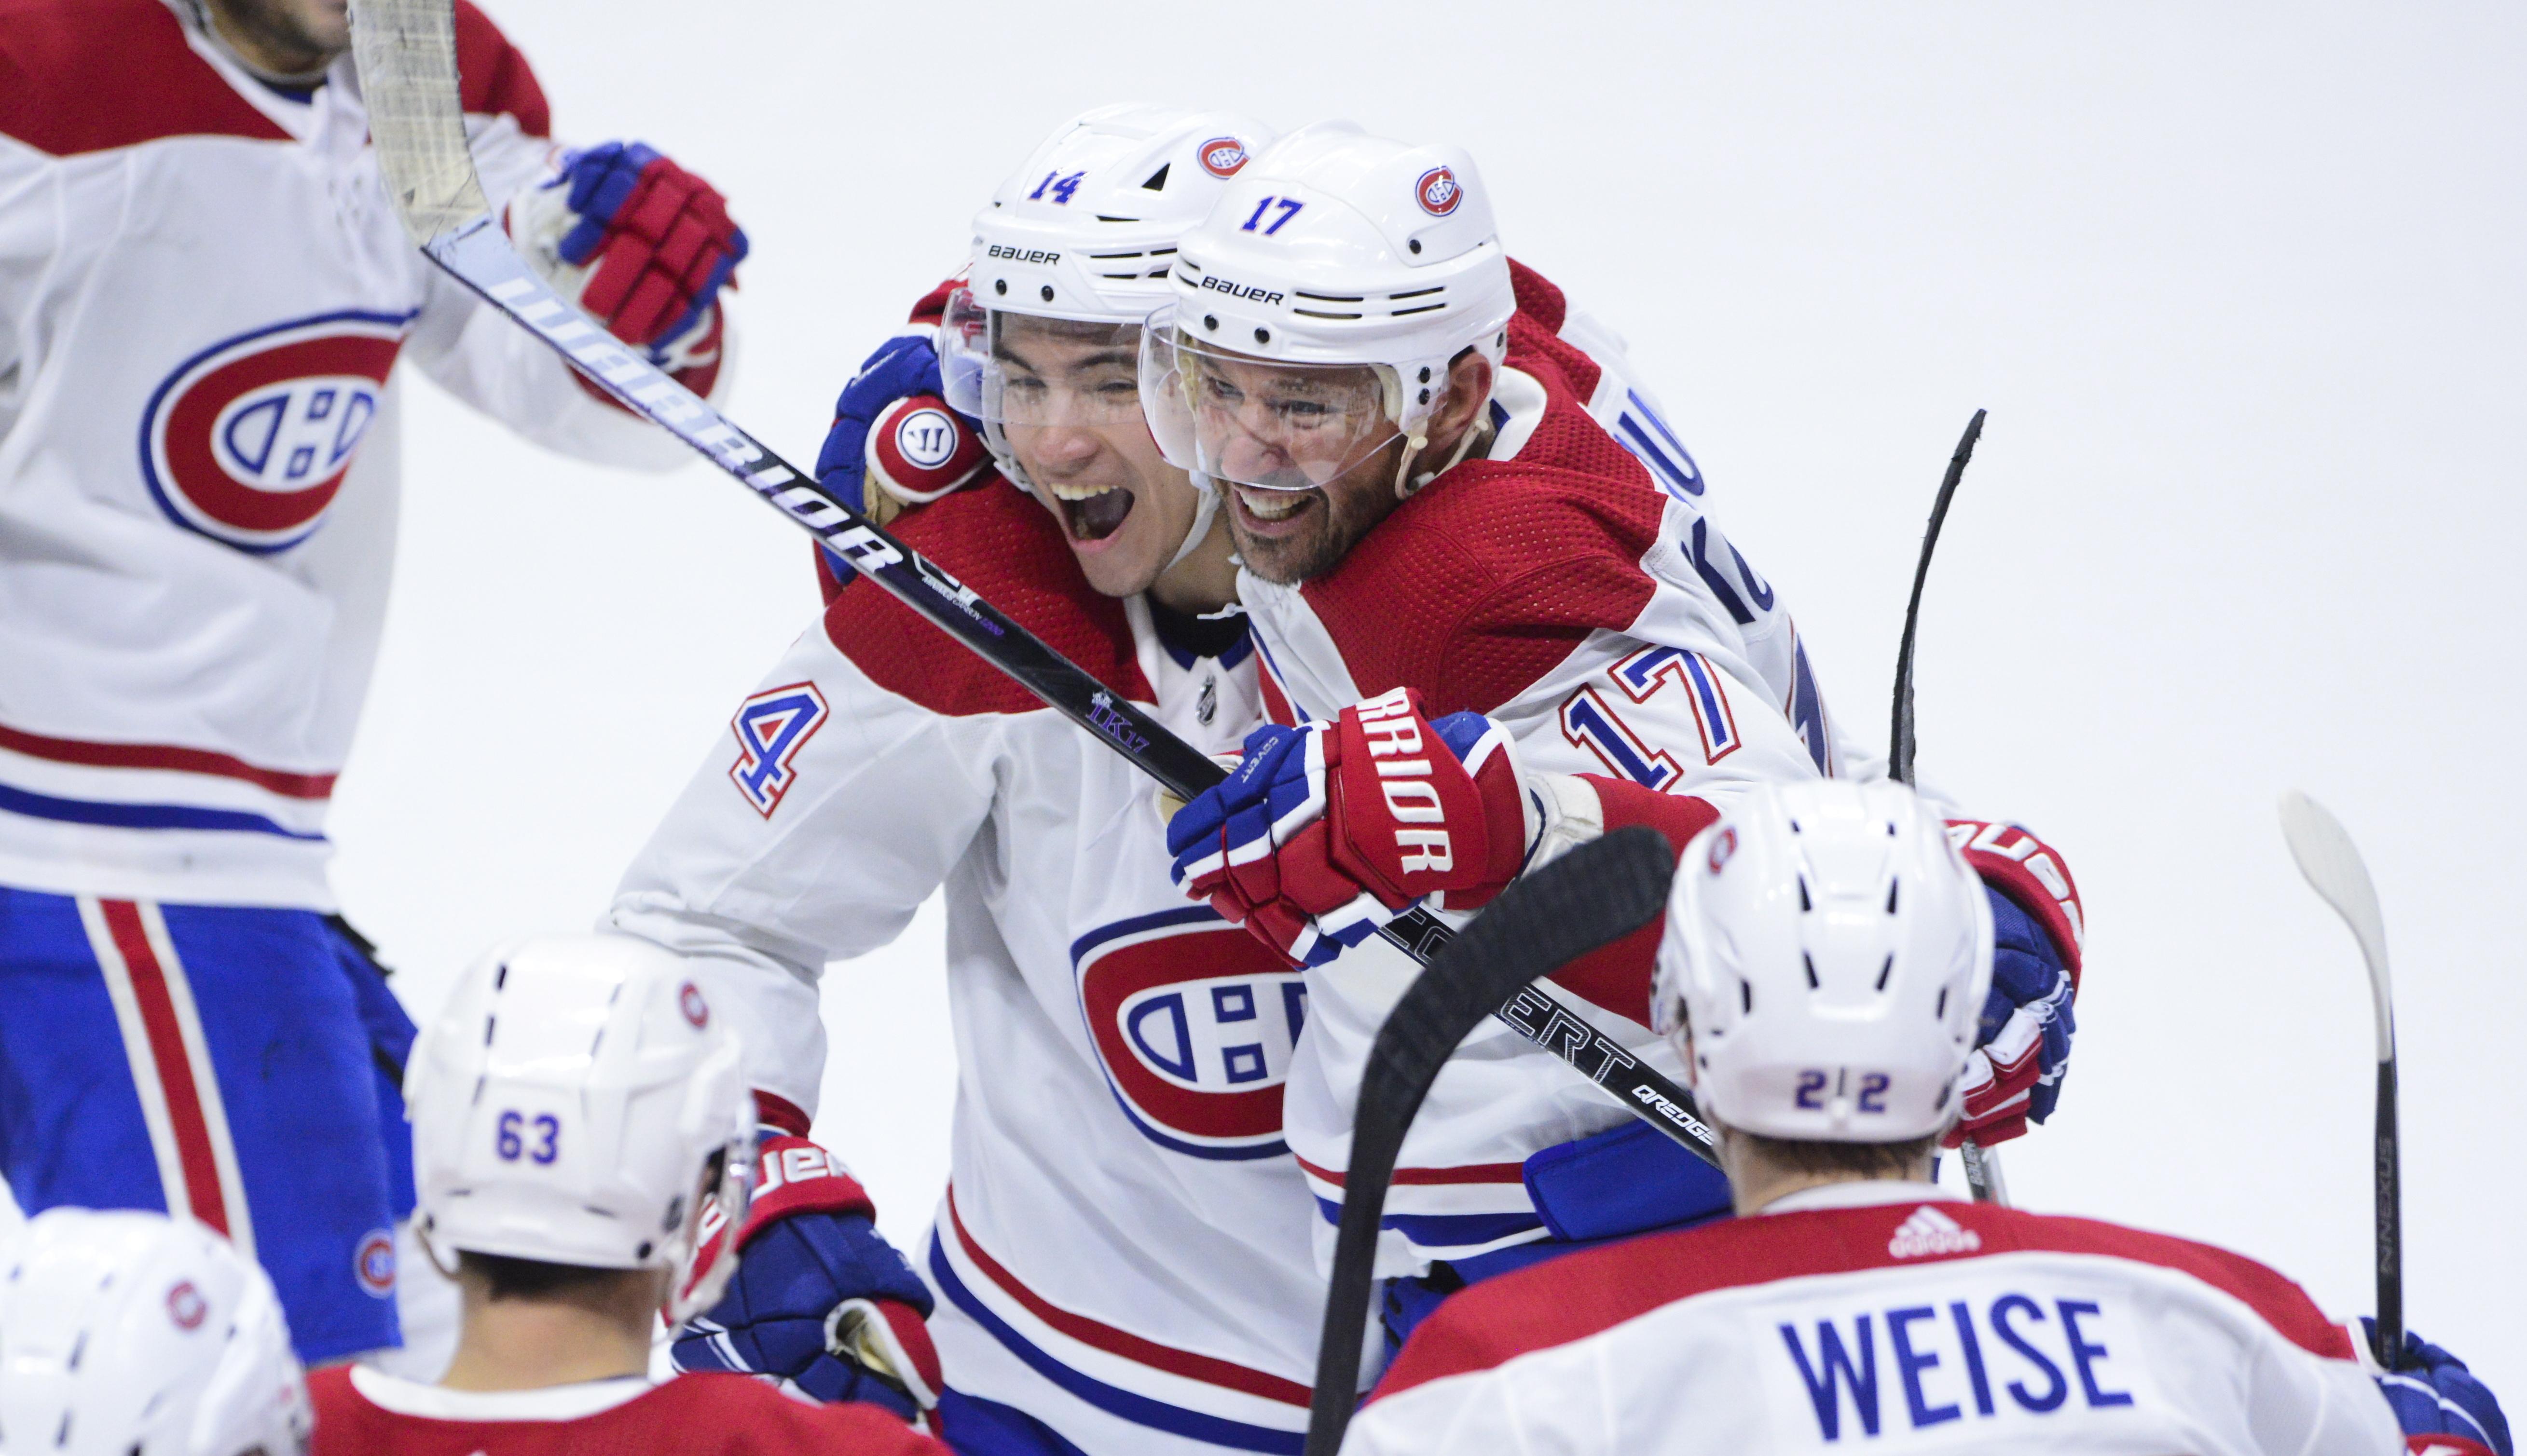 Kovalchuk's OT goal gives Canadiens 2-1 win over Senators